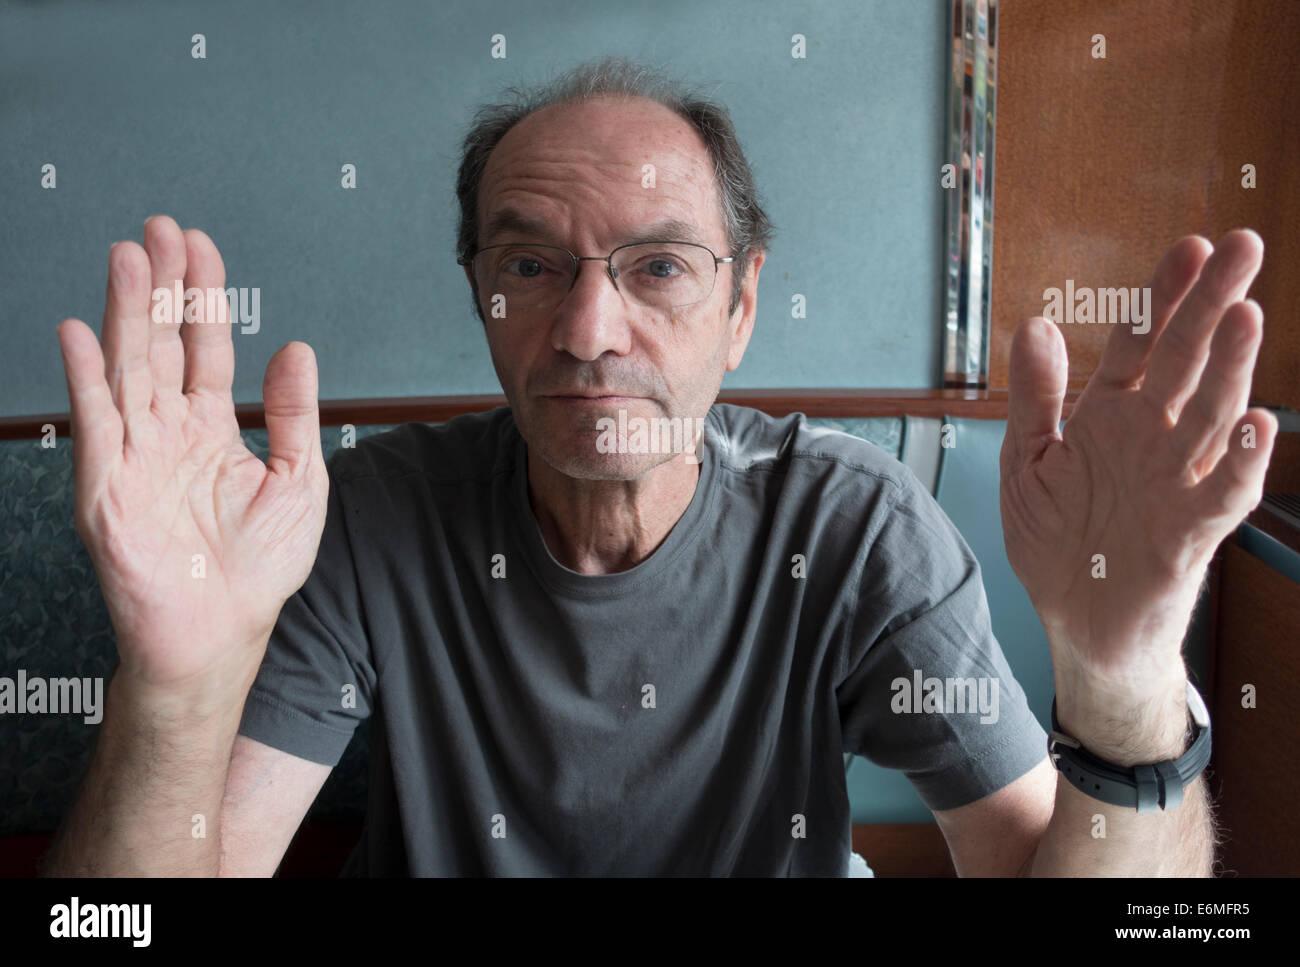 Hombre sentado a la mesa, gesticulando con las manos para hacer un punto Imagen De Stock